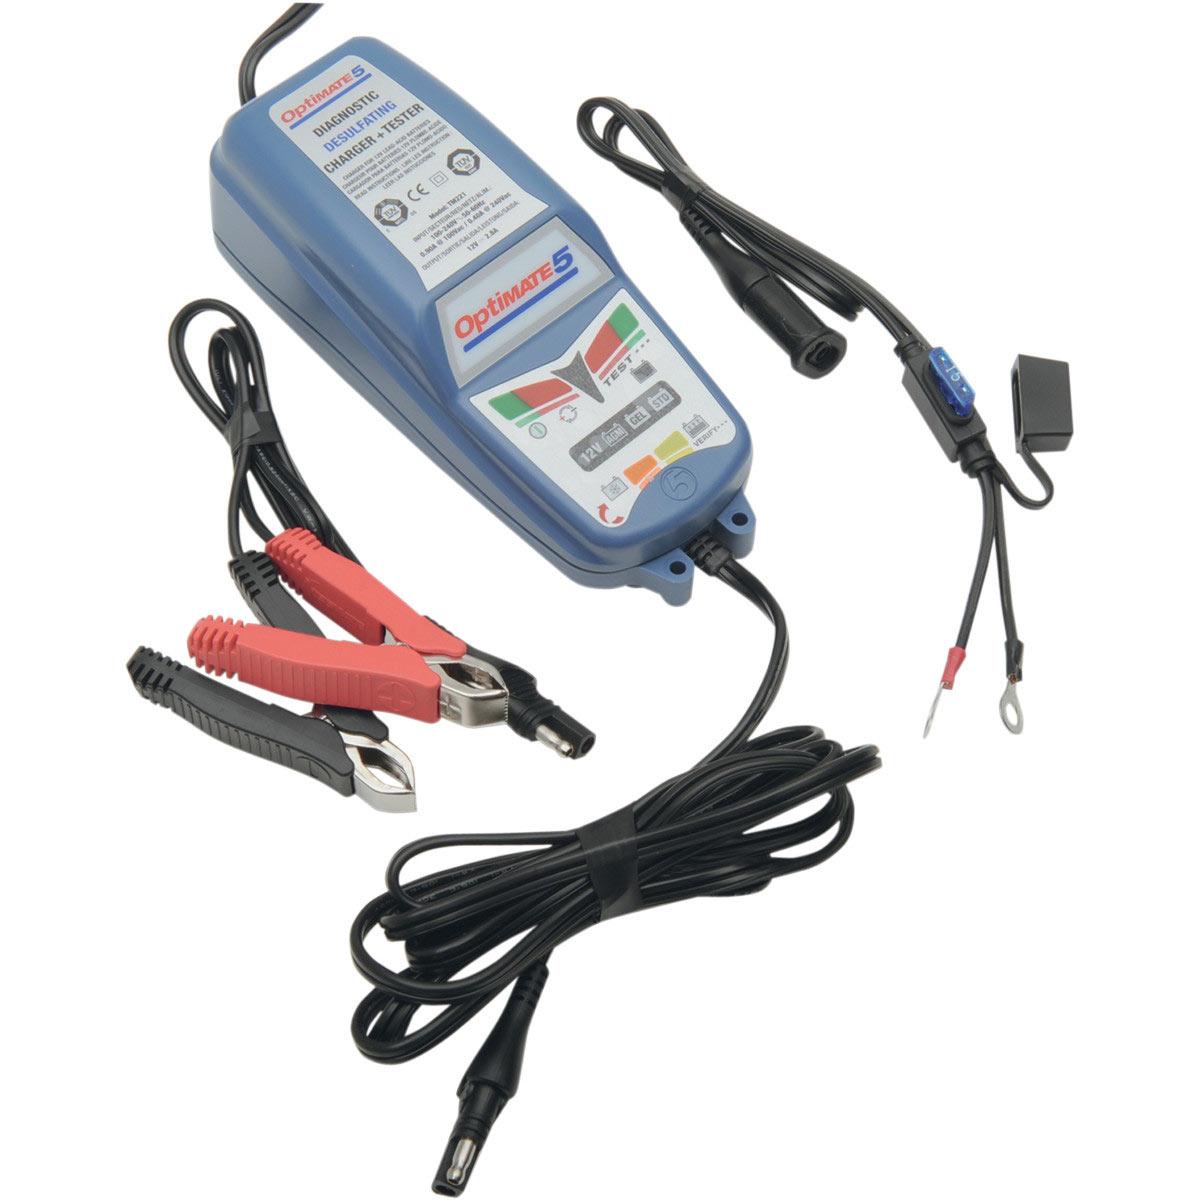 Зарядное устройство OptiMate 5. TM220TM220Многоступенчатое зарядное устройство Optimate от бельгийской компании TecMate с режимами тестирования, восстановления глубокоразряженных аккумуляторных батарей, десульфатации и хранения. Управление полностью автоматическое без кнопок. Заряжает все типы 12В свинцово-кислотных аккумуляторных батарей, в т.ч. AGM, GEL. Защита от короткого замыкания, переполюсовки, искрообразования, перегрева. Оптимизирует срок службы и здоровье аккумуляторной батареи. Влагозащищенный корпус. Рекомендовано 10-ю ведущими производителями мототехники. Optimate 5 рекомендуется для АКБ от 7,5Ач до 120 Ач. Ток заряда 2,8А. Старт зарядки АКБ от 2В. Температурный режим -20...+40С. В комплект устройства входят аксессуары O11 кольцевой разъем постоянного подключения и O4 зажимы типа крокодил.